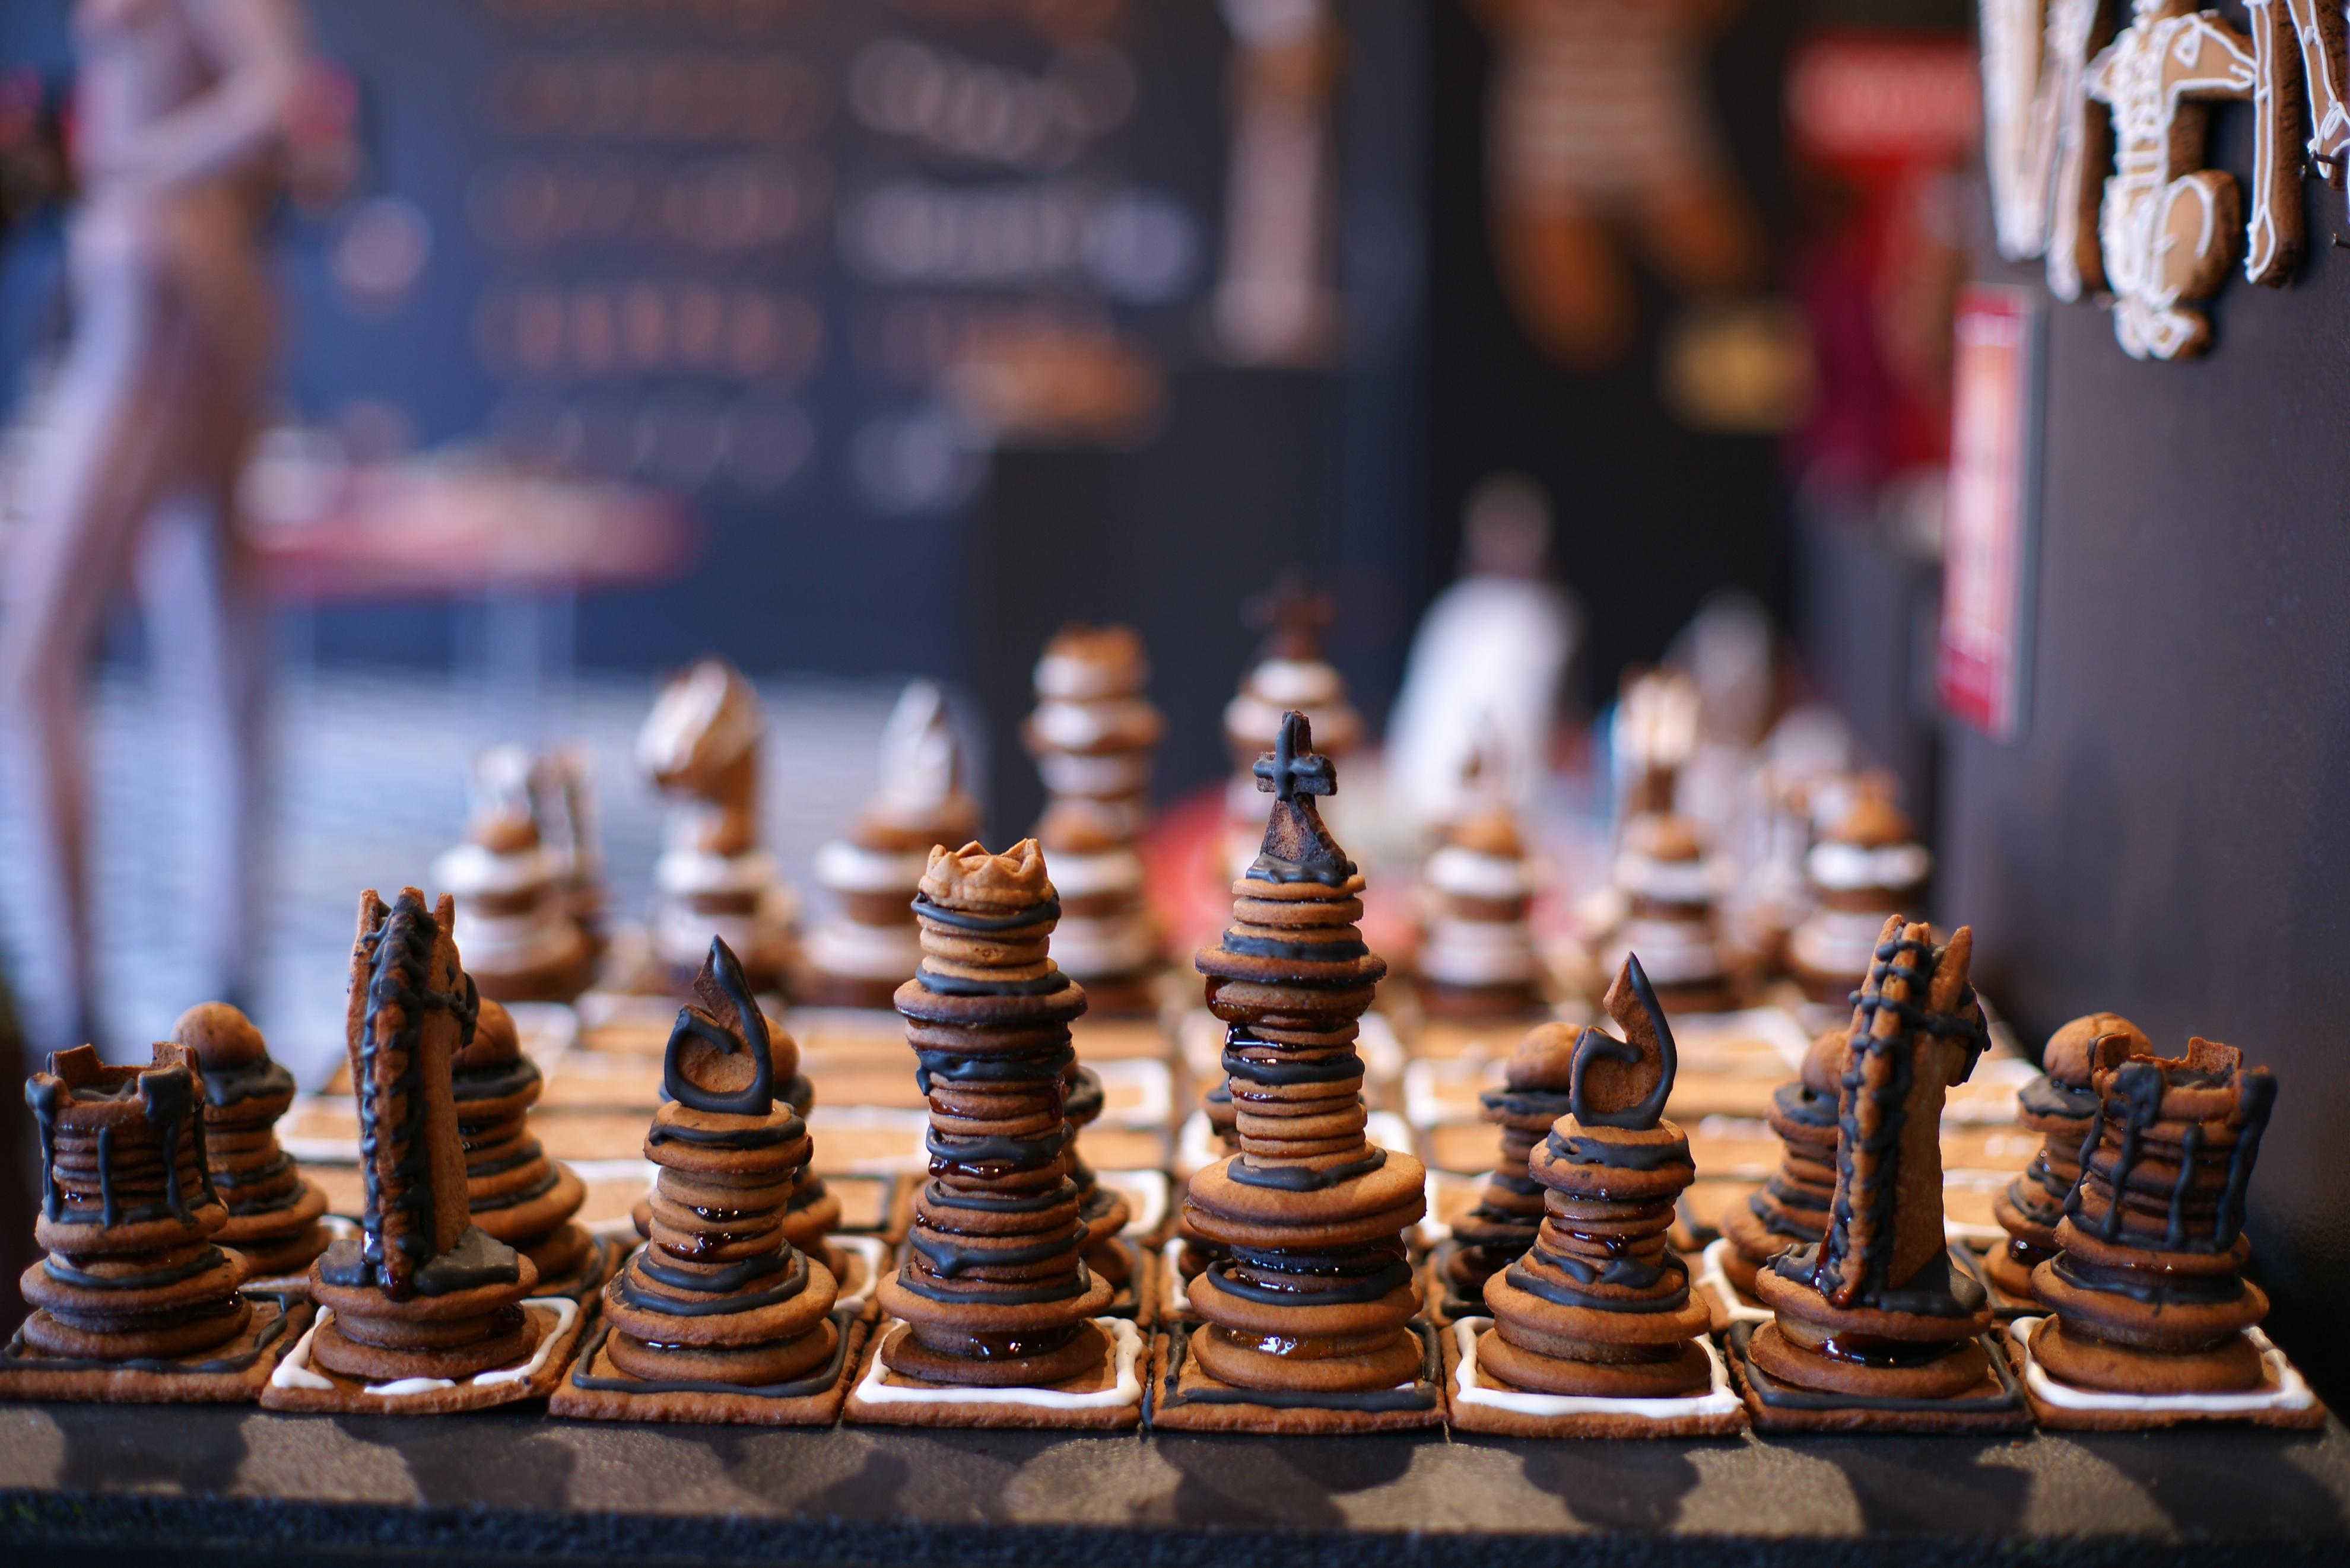 Эротические шахматы играть с компьютером 26 фотография